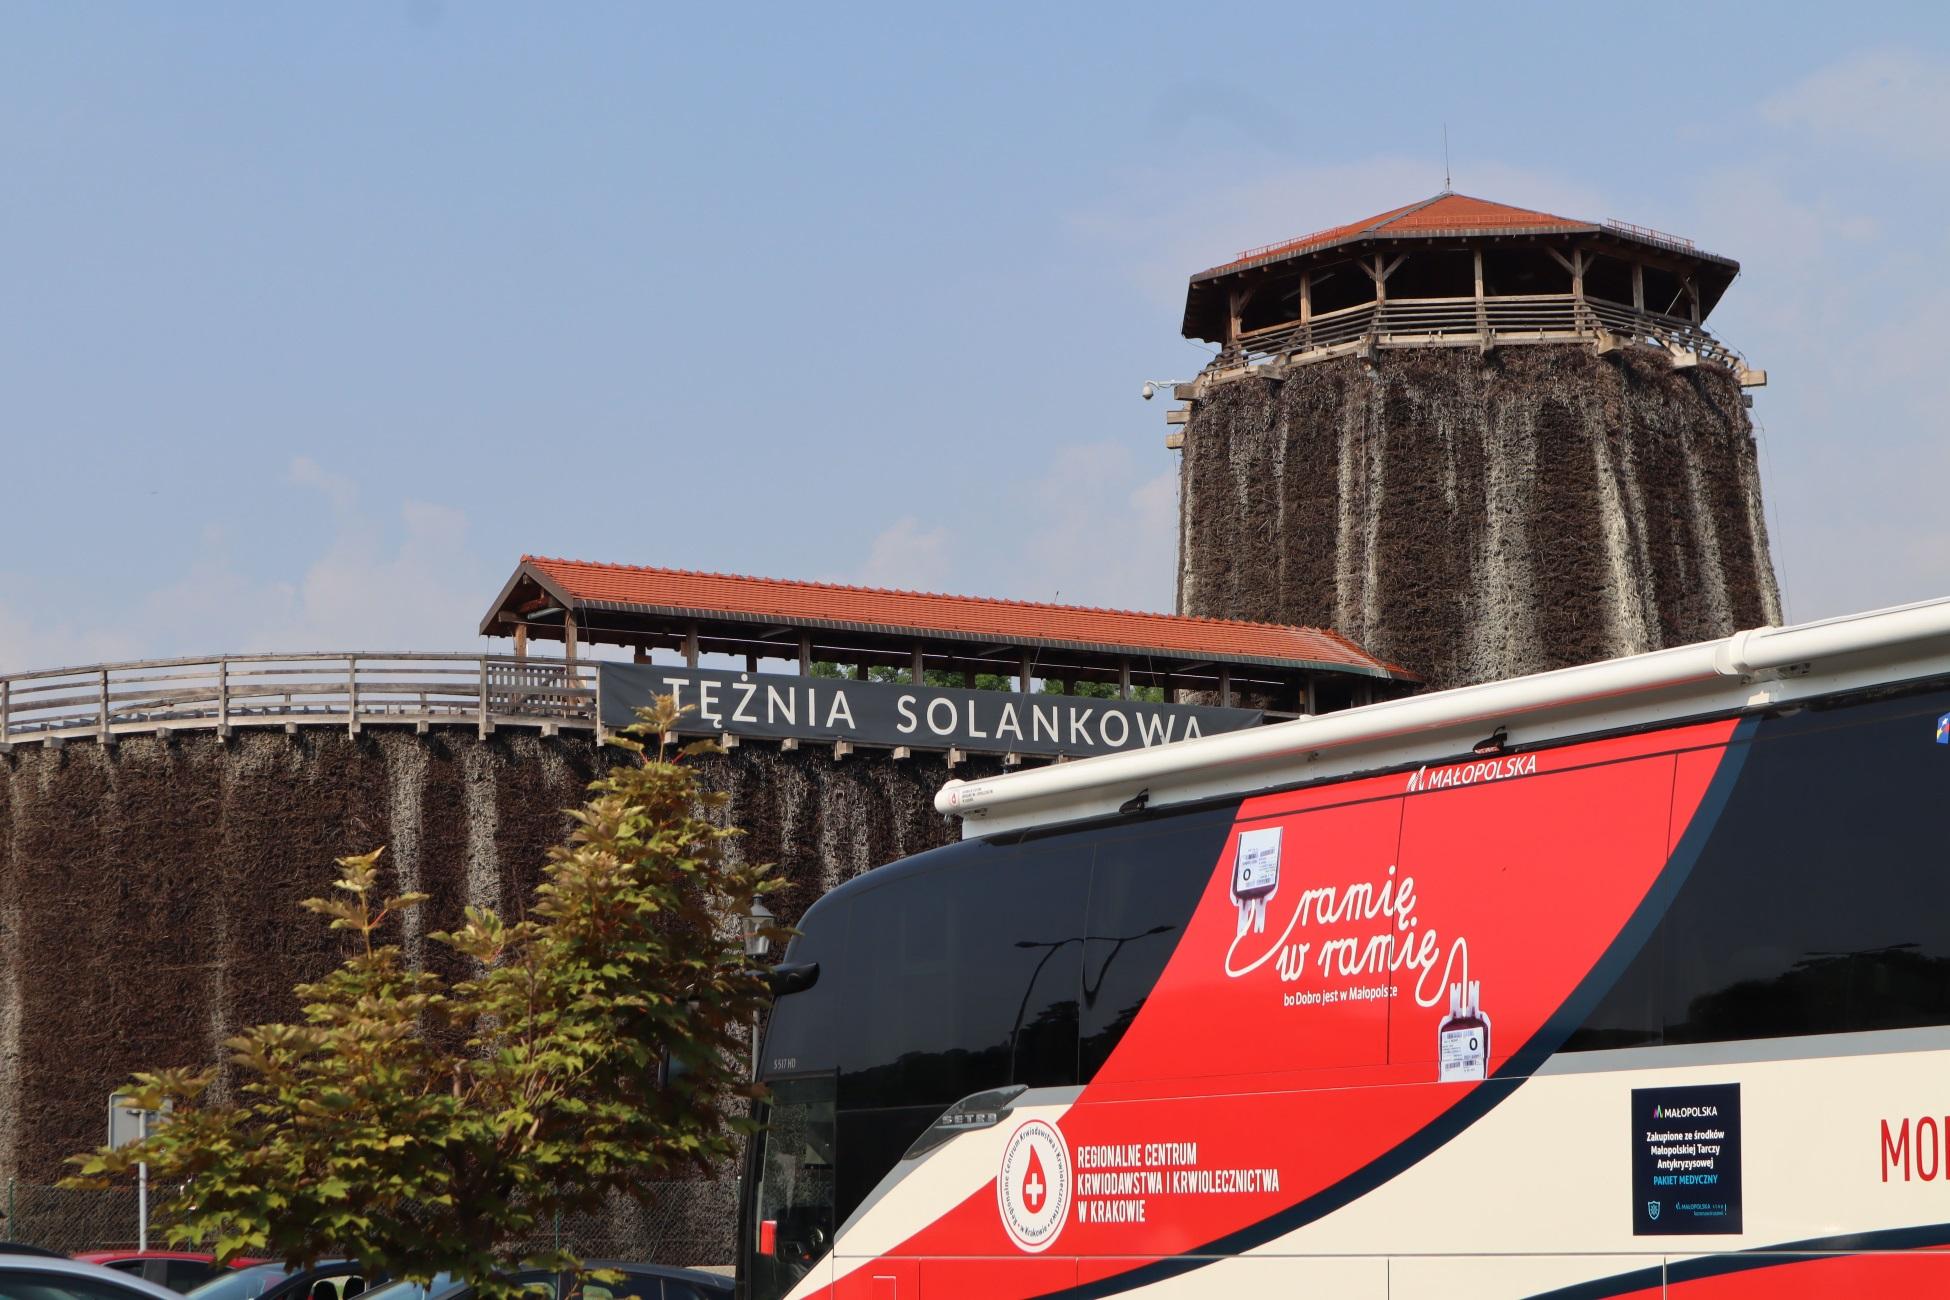 """Czerwono-biały autokar z napisem """"ramię w ramię"""". W tle tężnia solankowa - widoczny jest fragment muru oraz wieża widokowa"""